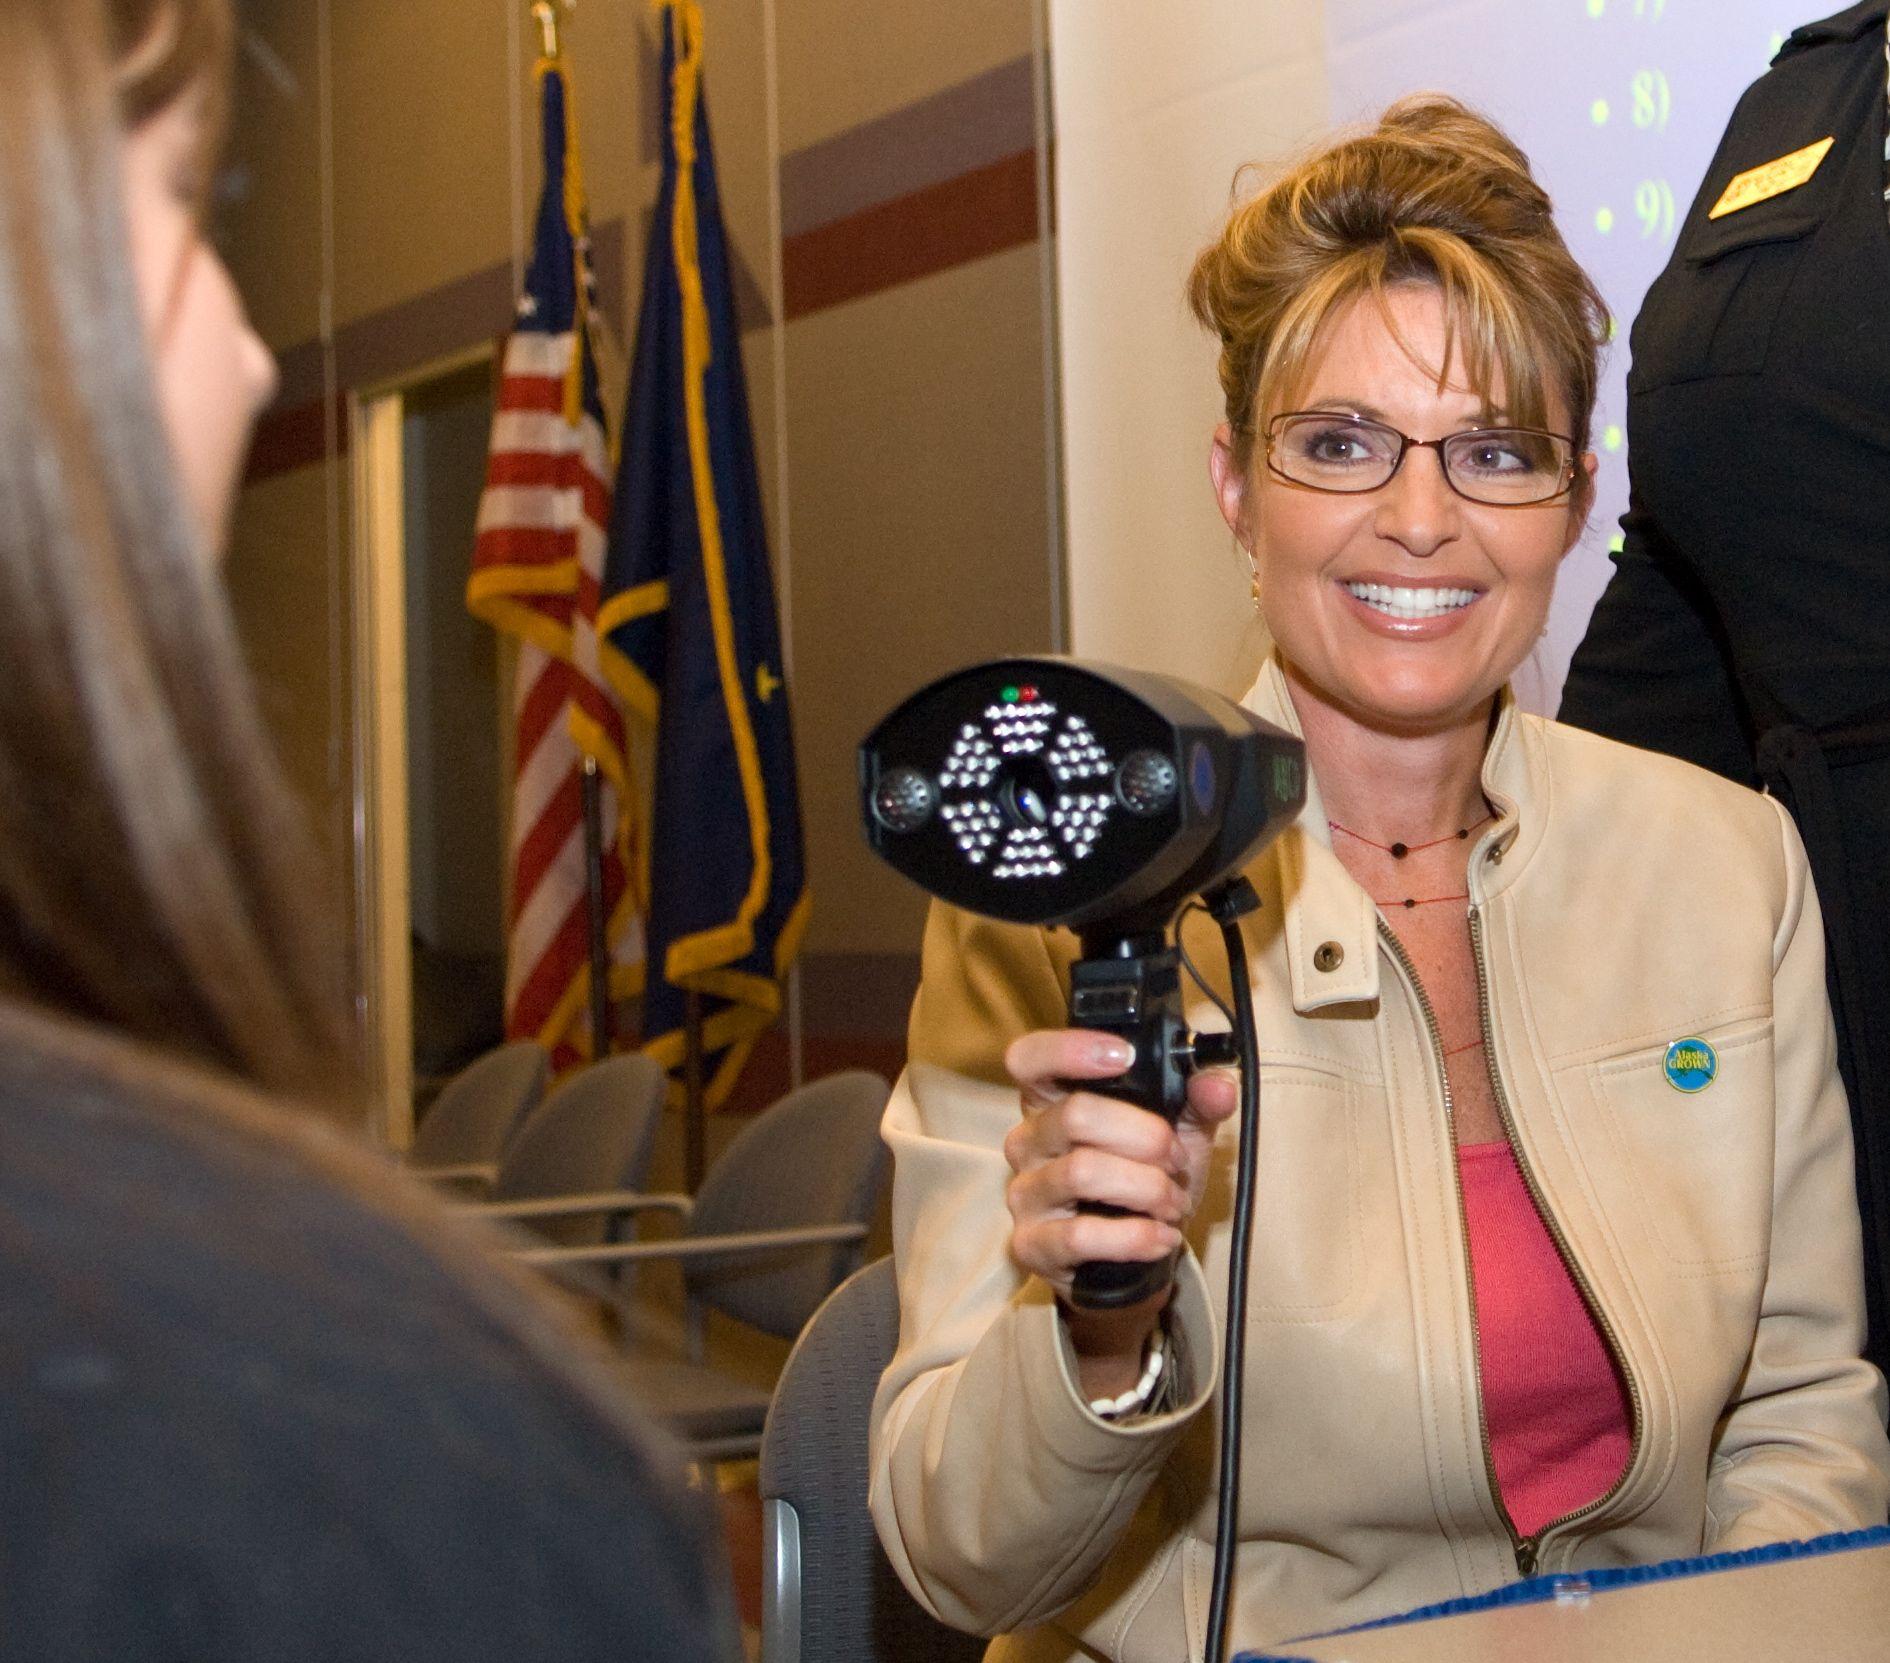 Sarah Palin Vision